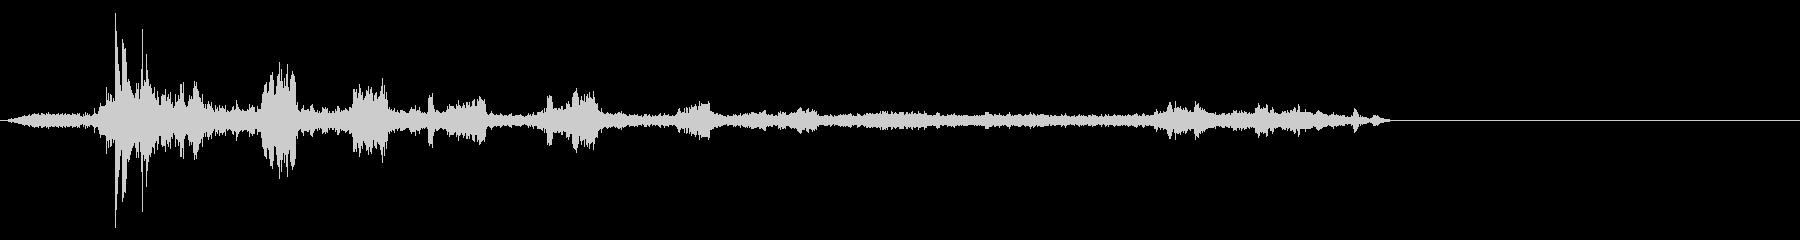 アヒル2の未再生の波形